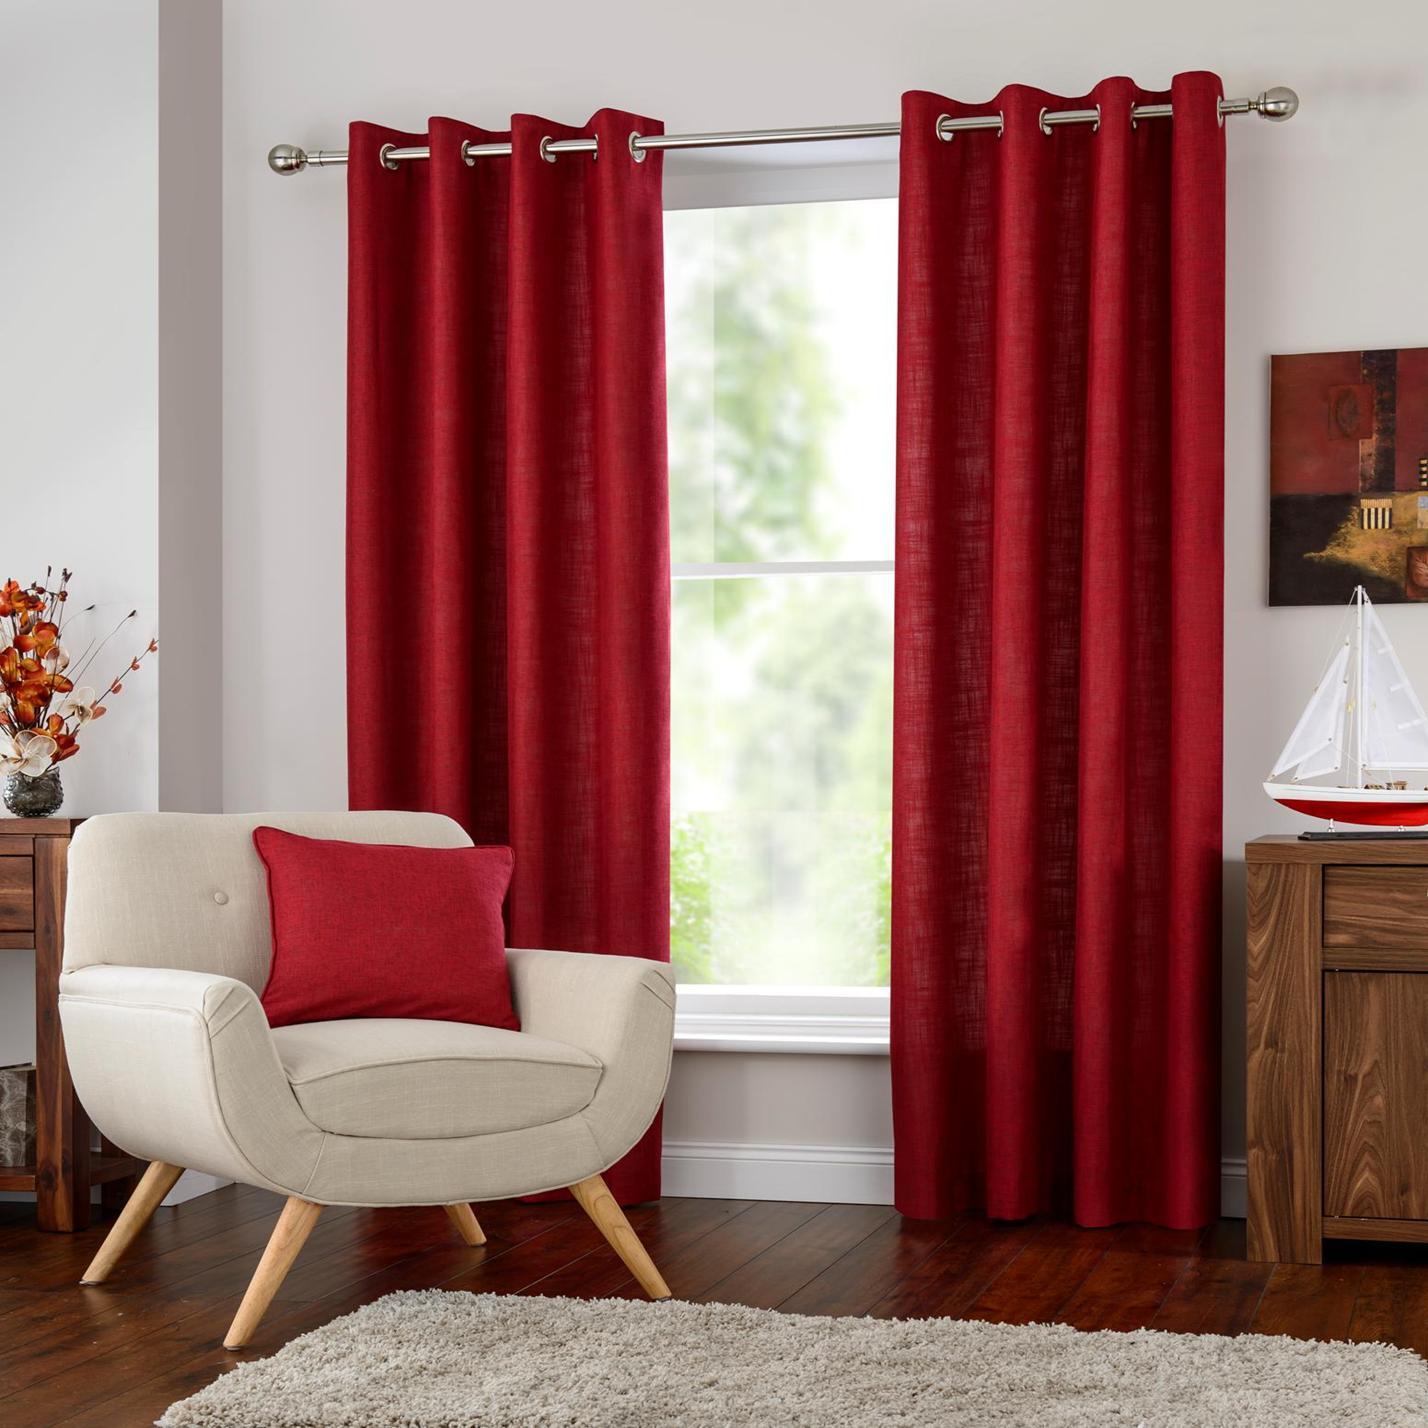 Halo Eyelet Curtains At Home